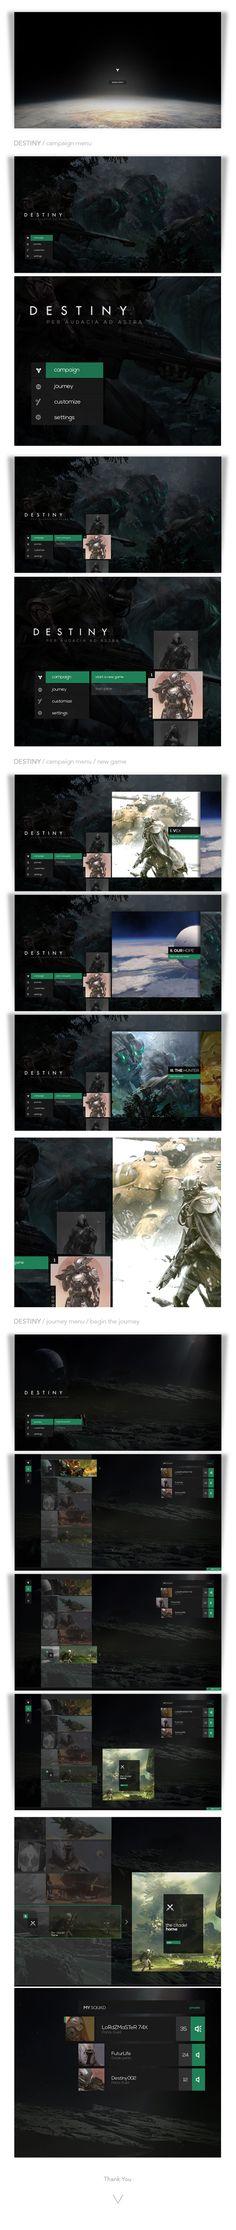 http://www.behance.net/gallery/(-GUI-)-Destiny-User_Interface/7421711